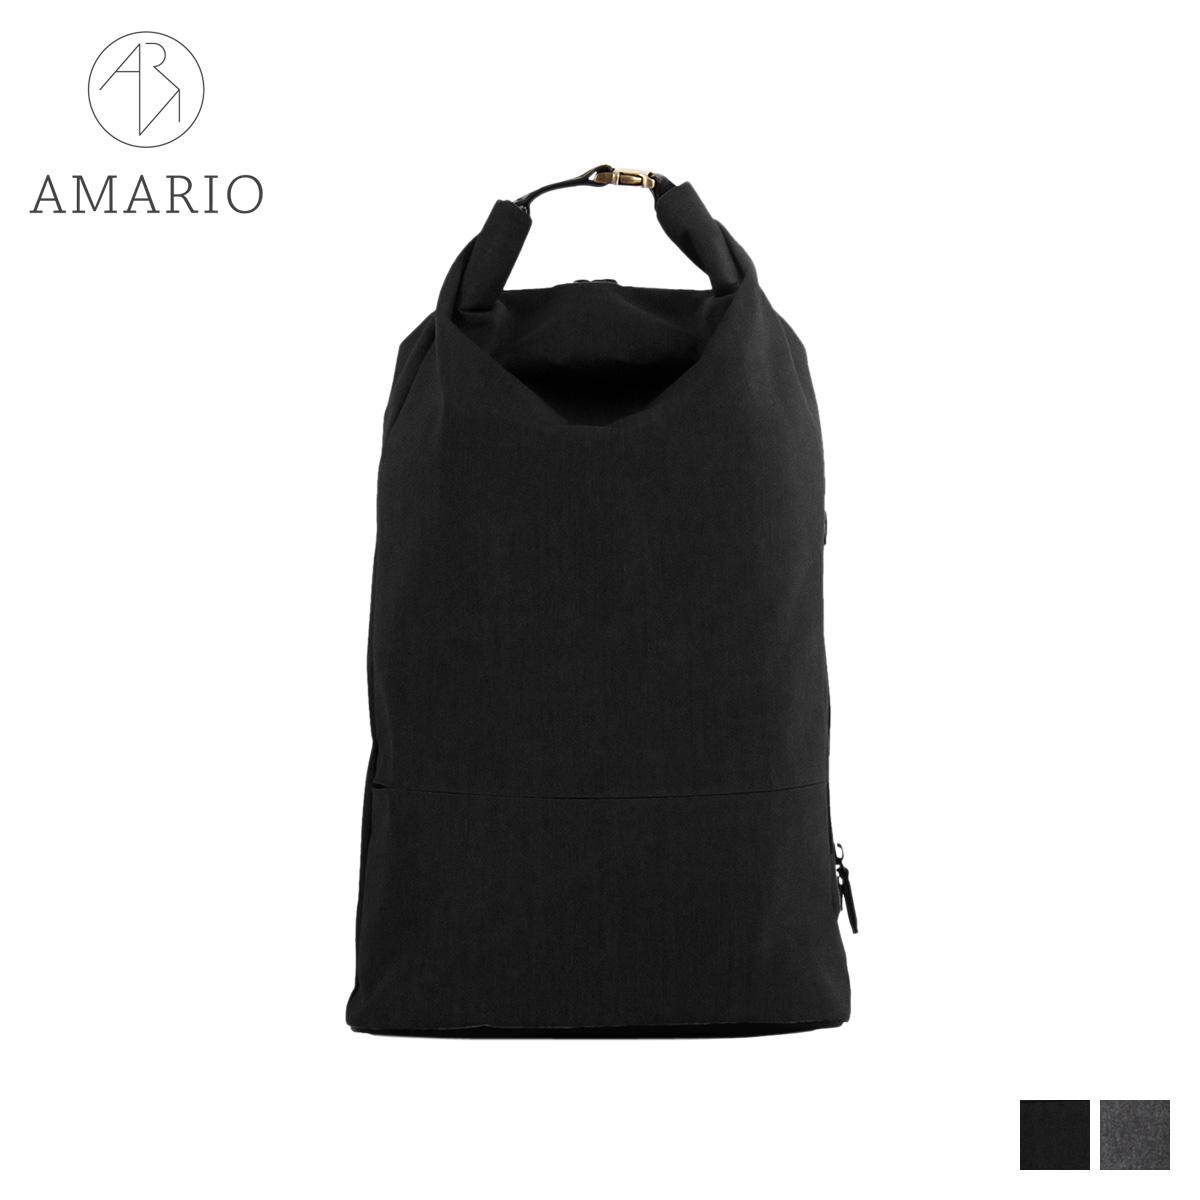 AMARIO CULM DAYPACK アマリオ リュック バッグ バックパック メンズ レディース 15L ブラック グレー 黒 CRUMDP